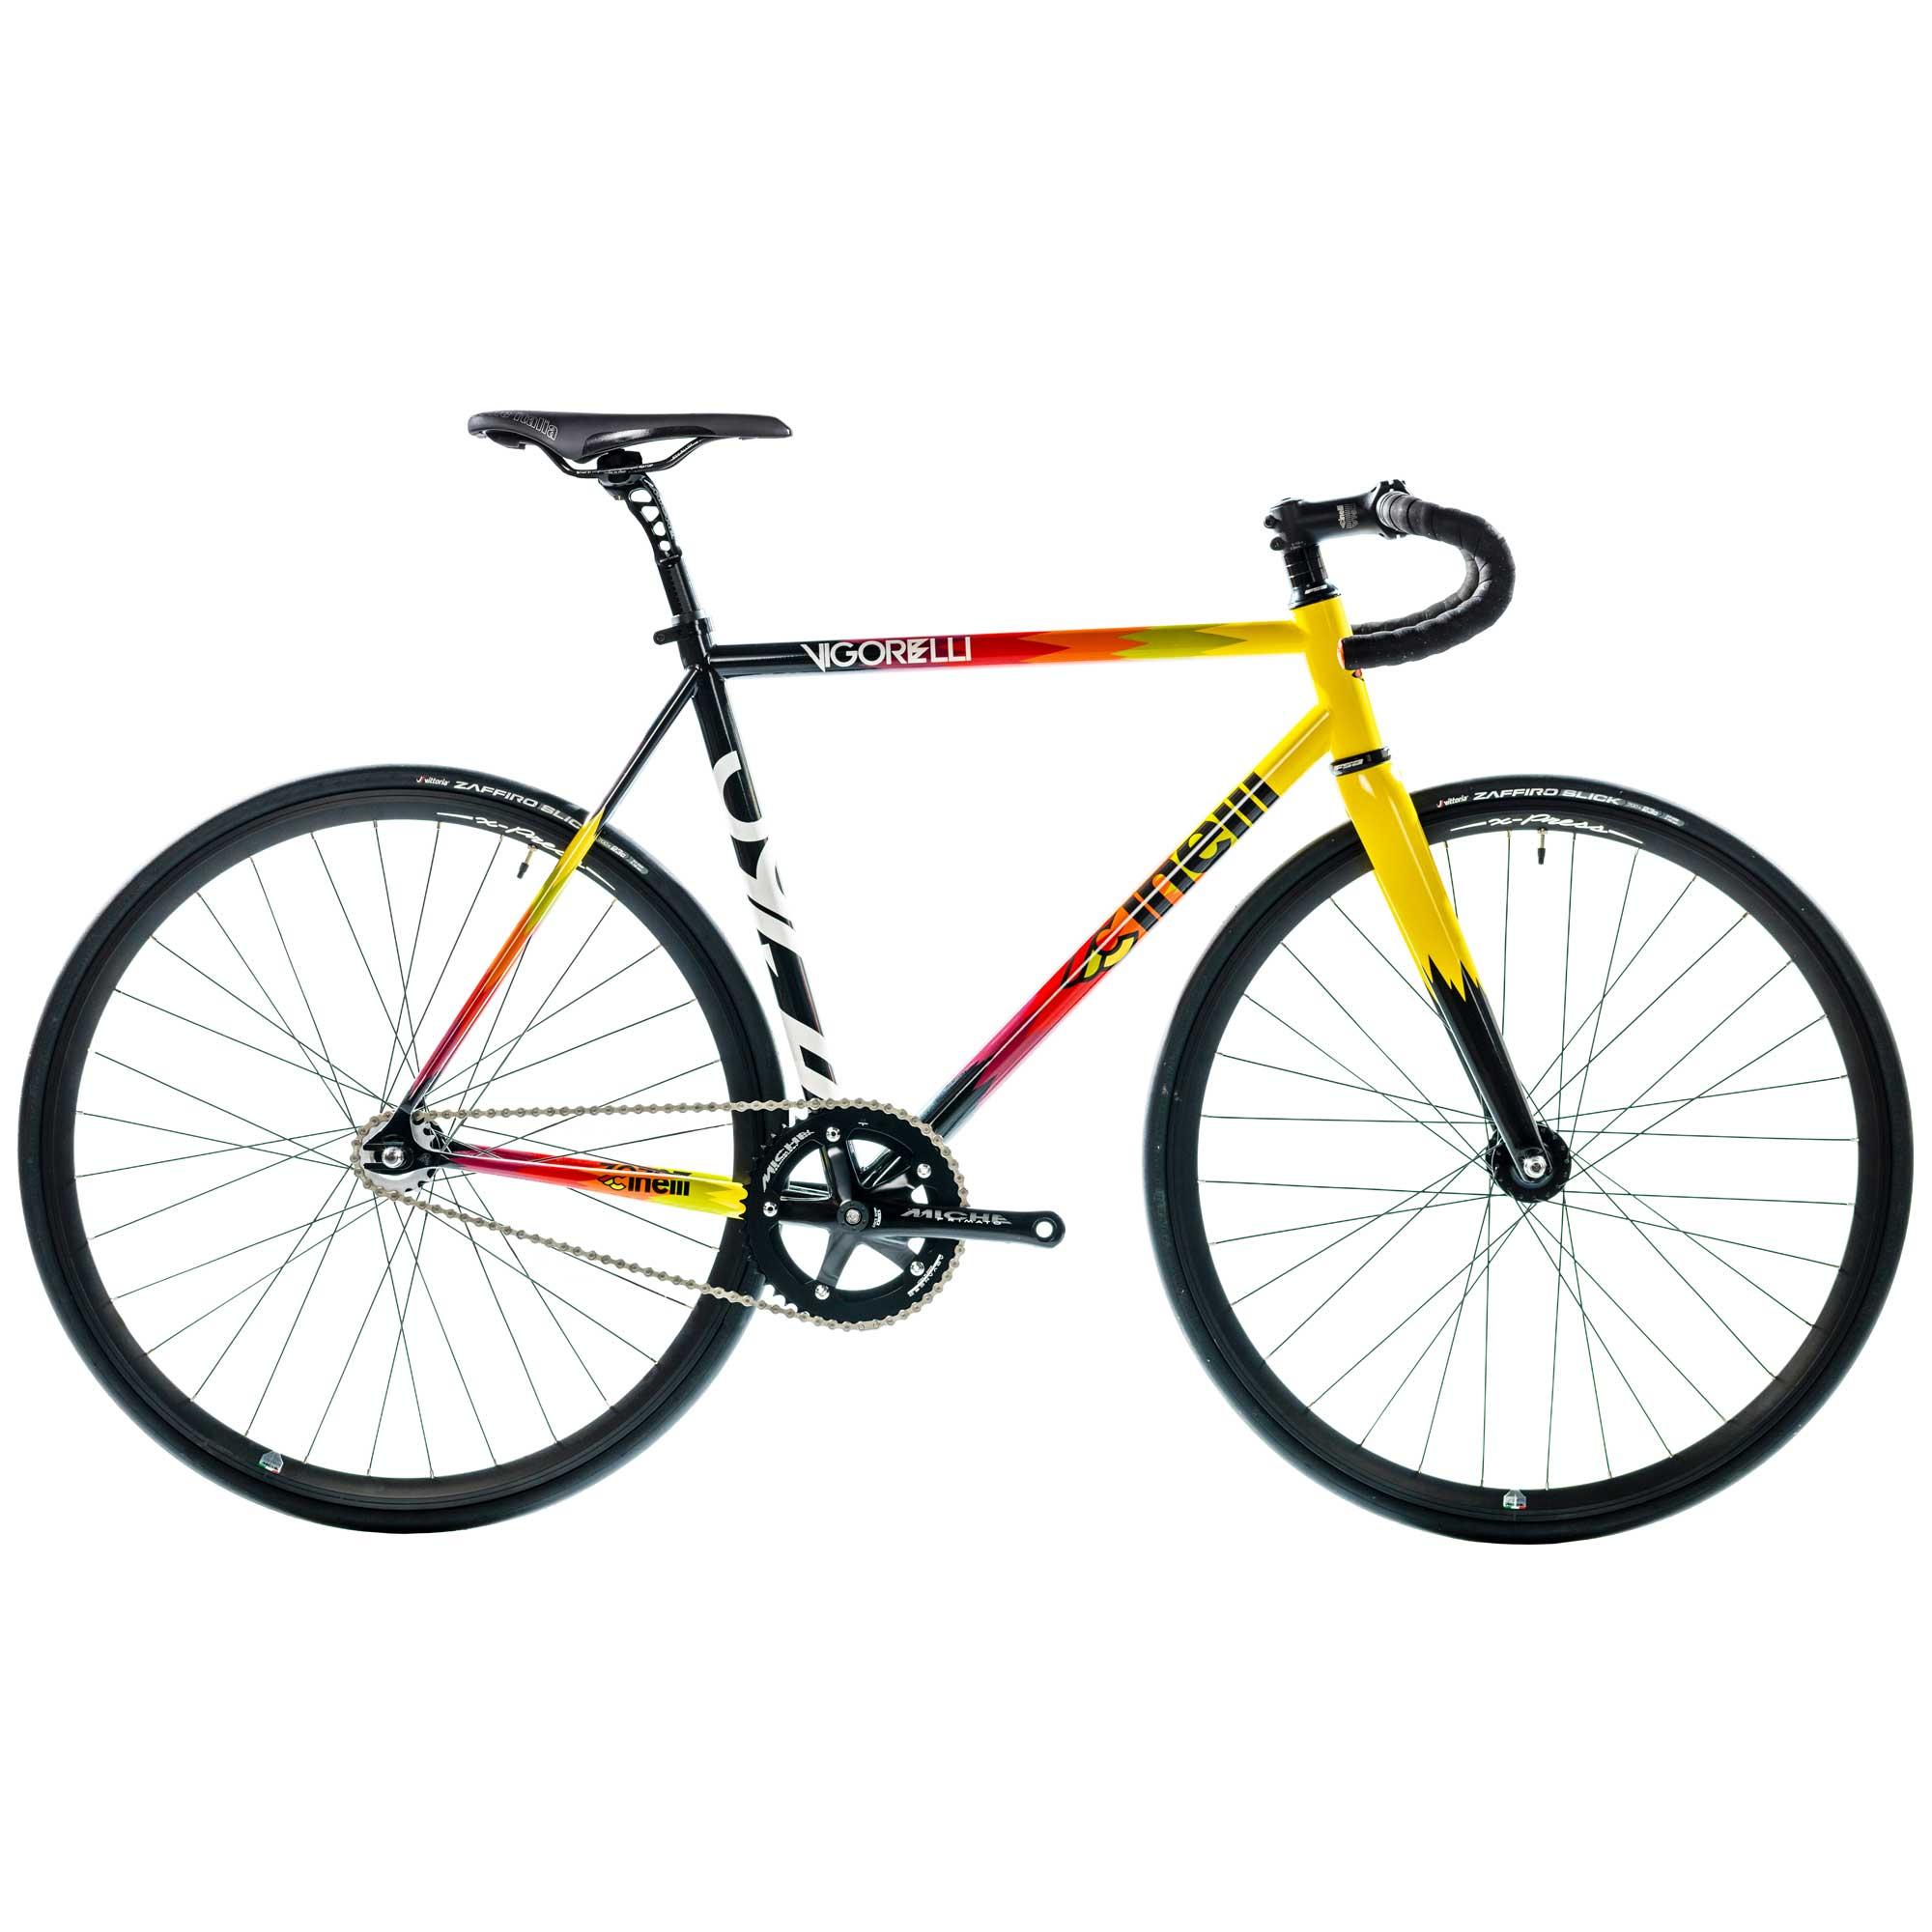 a04ba38b6ec Cinelli Vigorelli Steel Singlespeed Fixed Gear Bike - Buy Online | Pedal  Revolution